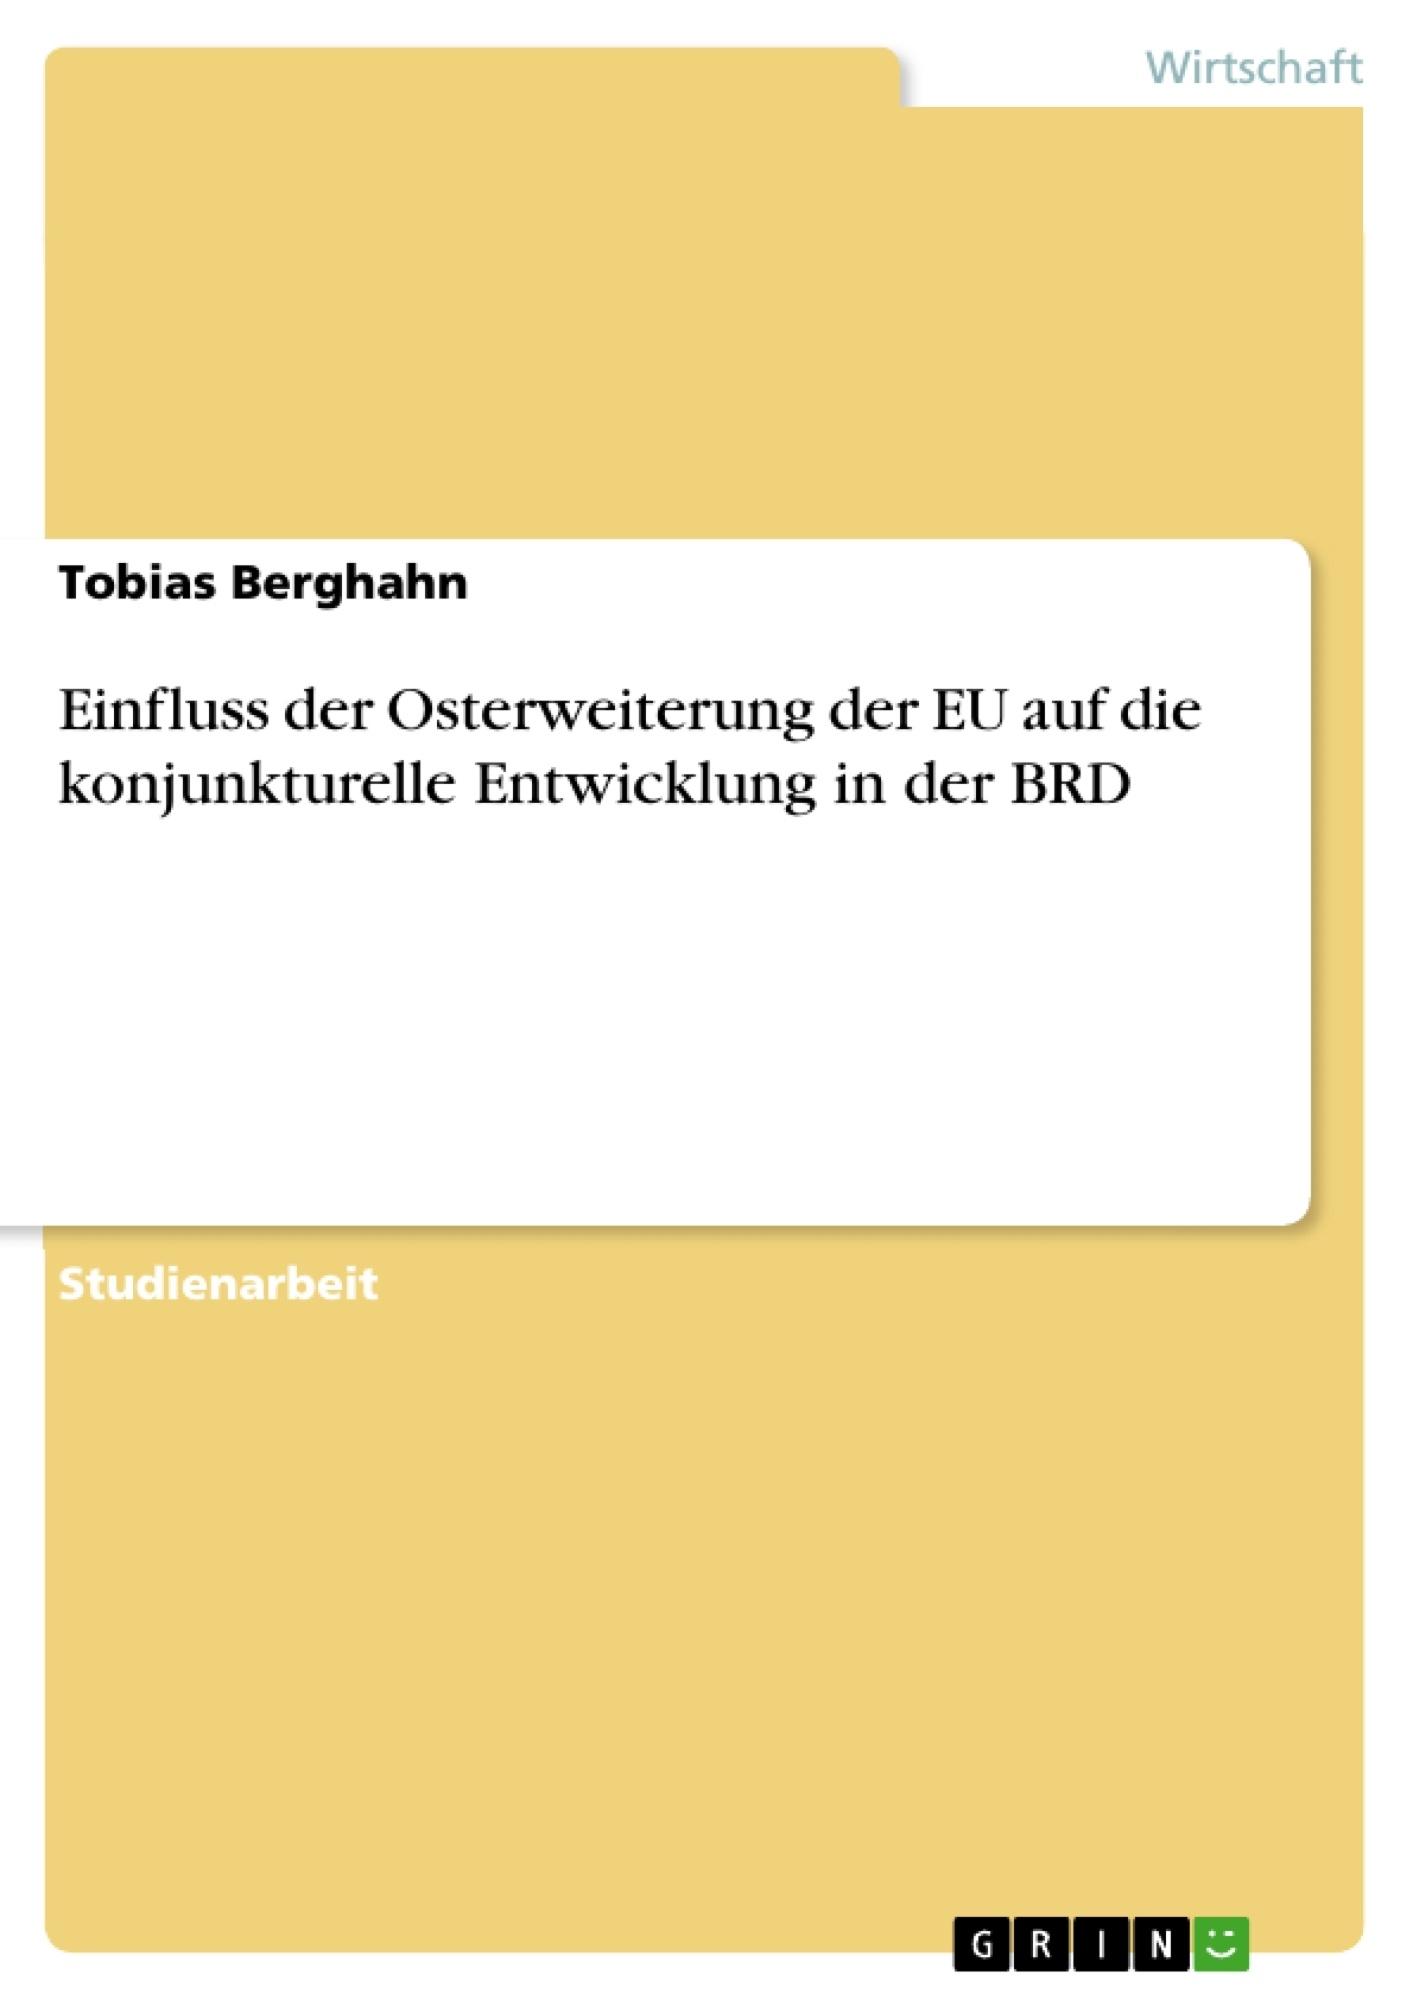 Titel: Einfluss der Osterweiterung der EU auf die konjunkturelle Entwicklung in der BRD